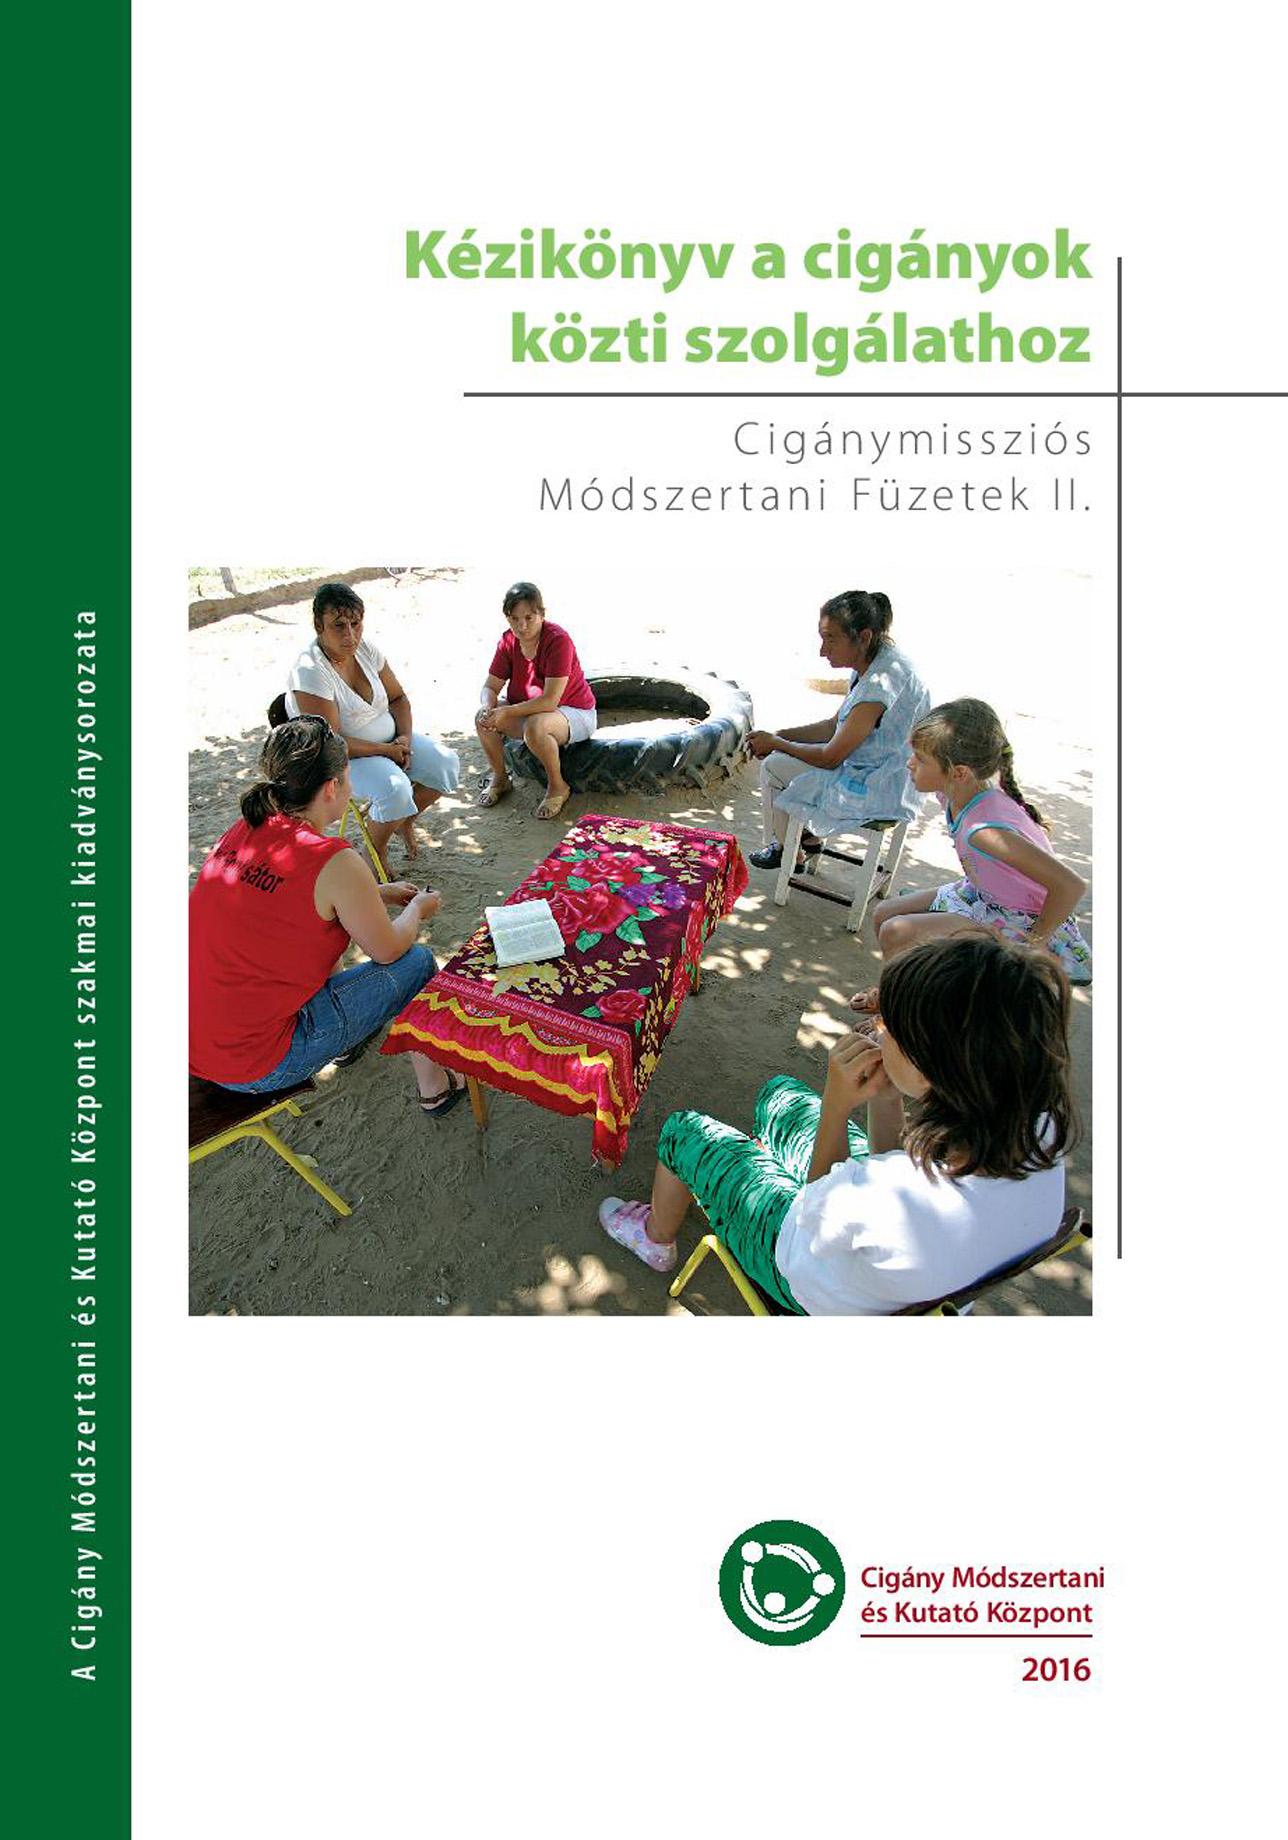 Cigánymissziós Módszertani Füzetek II. könyvbemutató